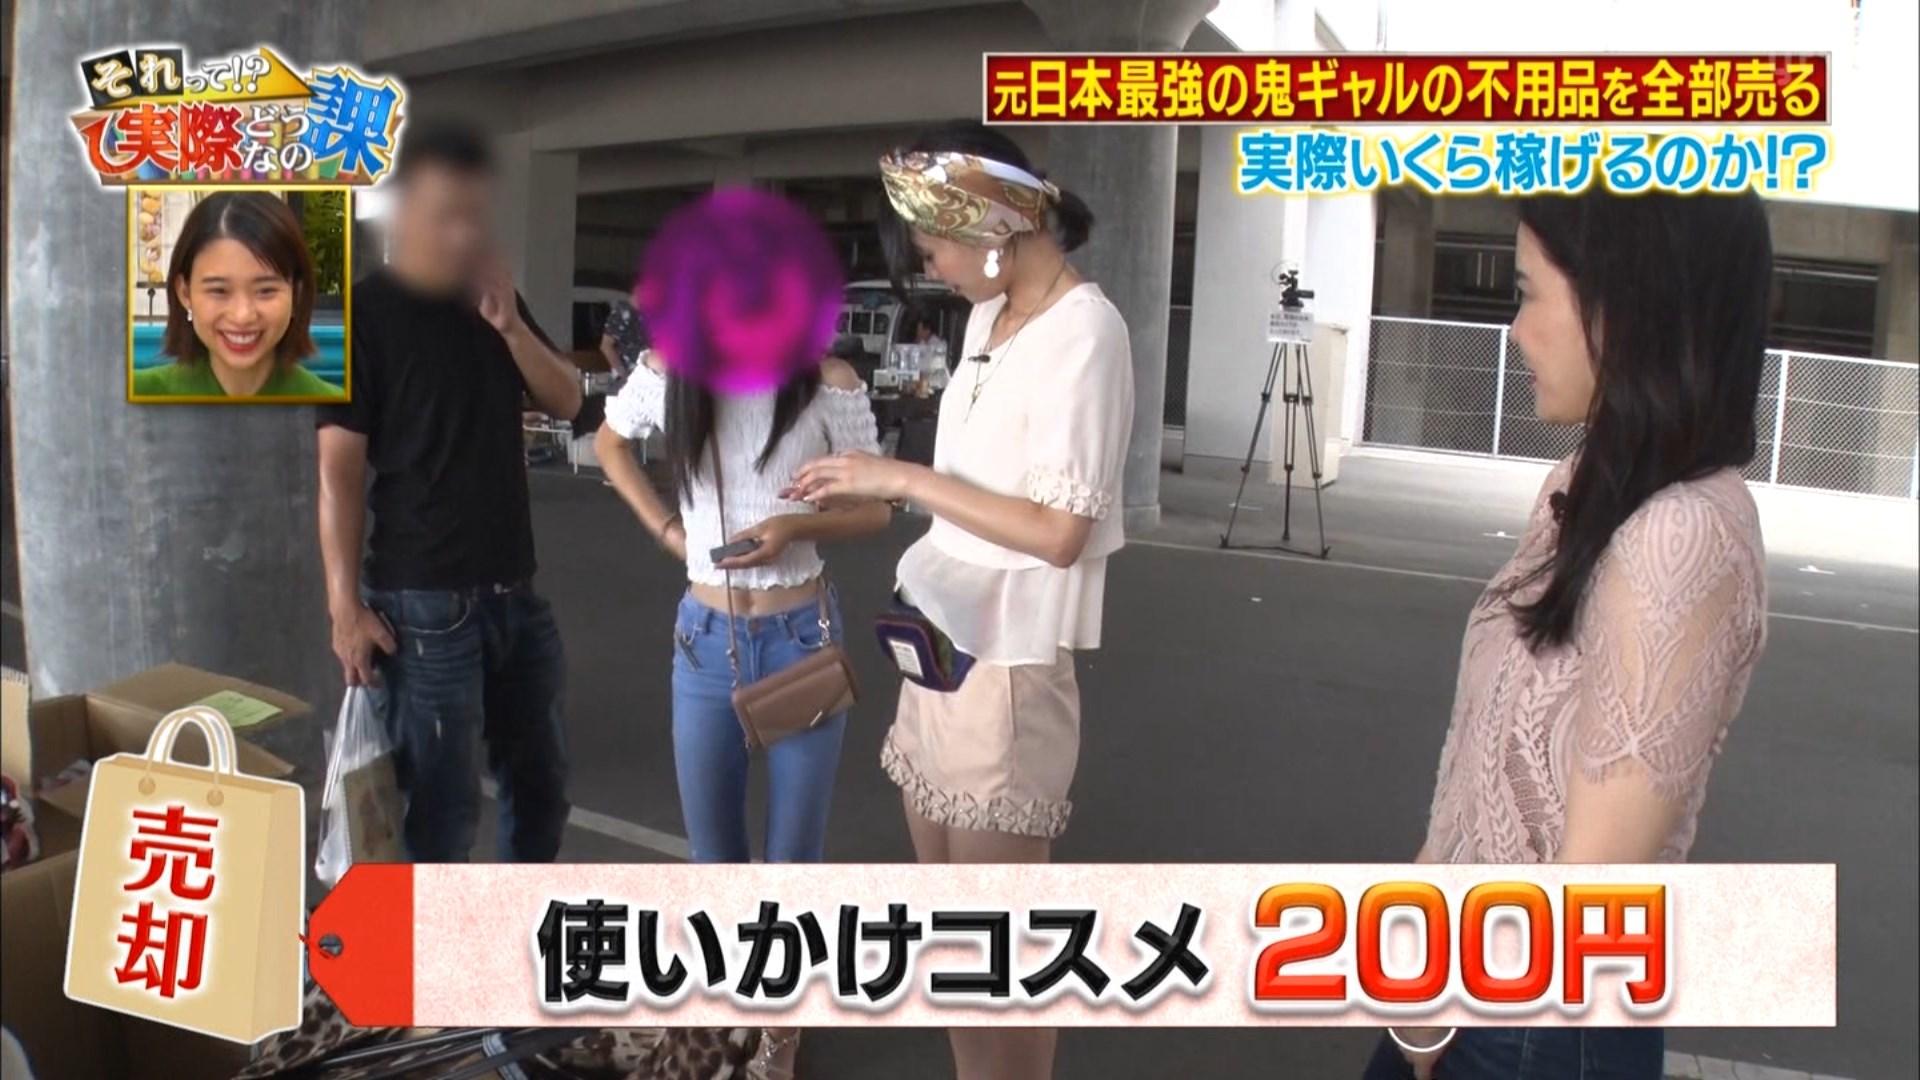 2019年9月11日に放送された「それって!?実際どうなの課」に出演したタレント・緑川静香さんのテレビキャプチャー画像-090